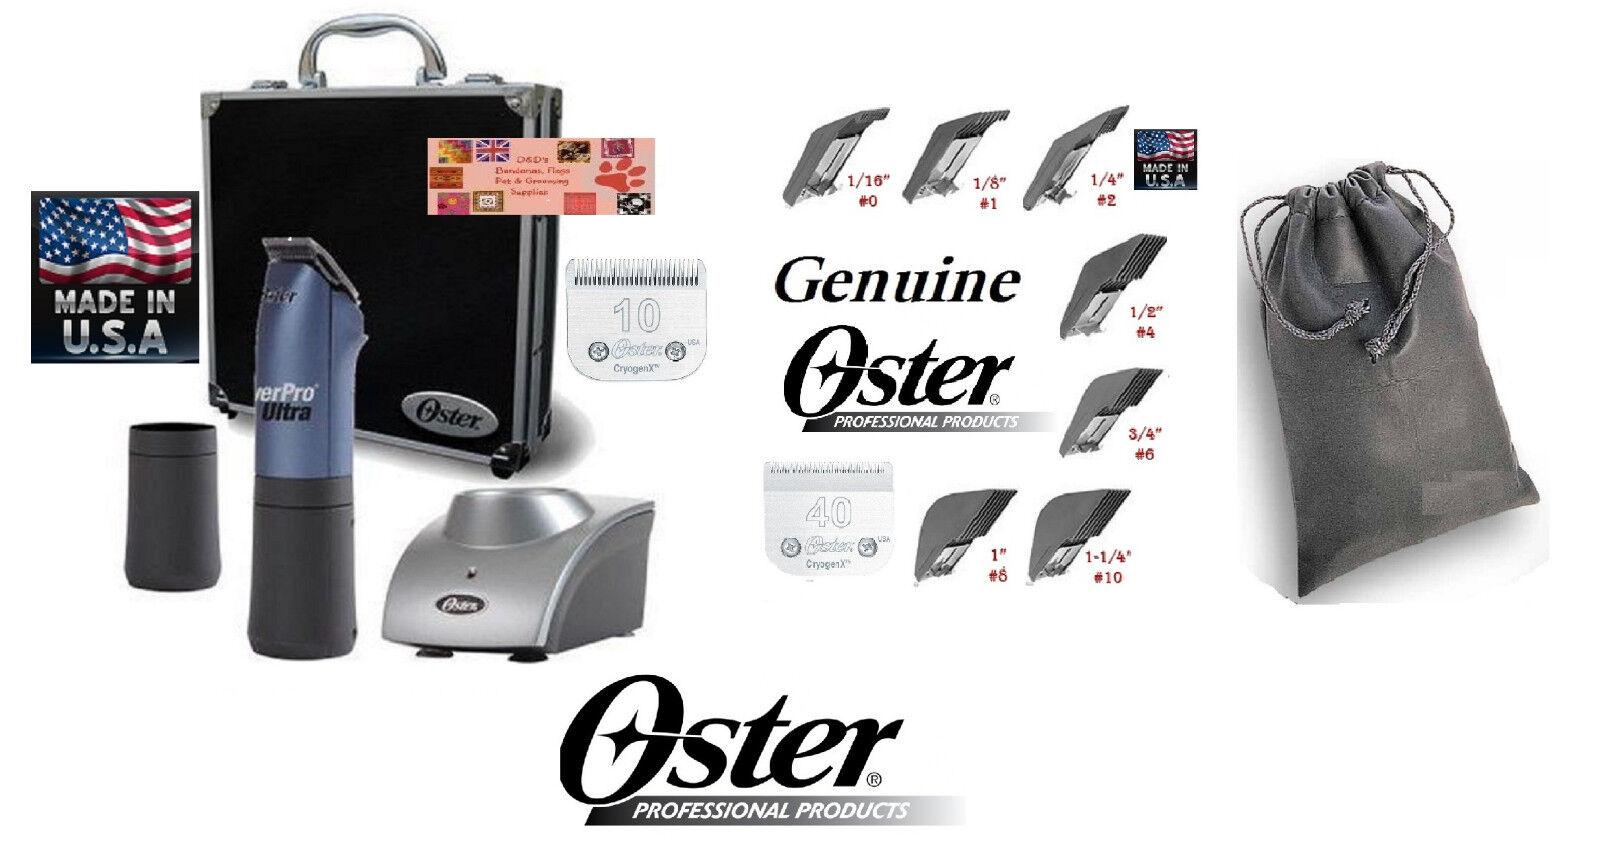 grandi risparmi Oster Powerpro Ultra Cordless Cordless Cordless Tosatrice Kit con    10&40 Lama,2 Battery,7  scegli il tuo preferito